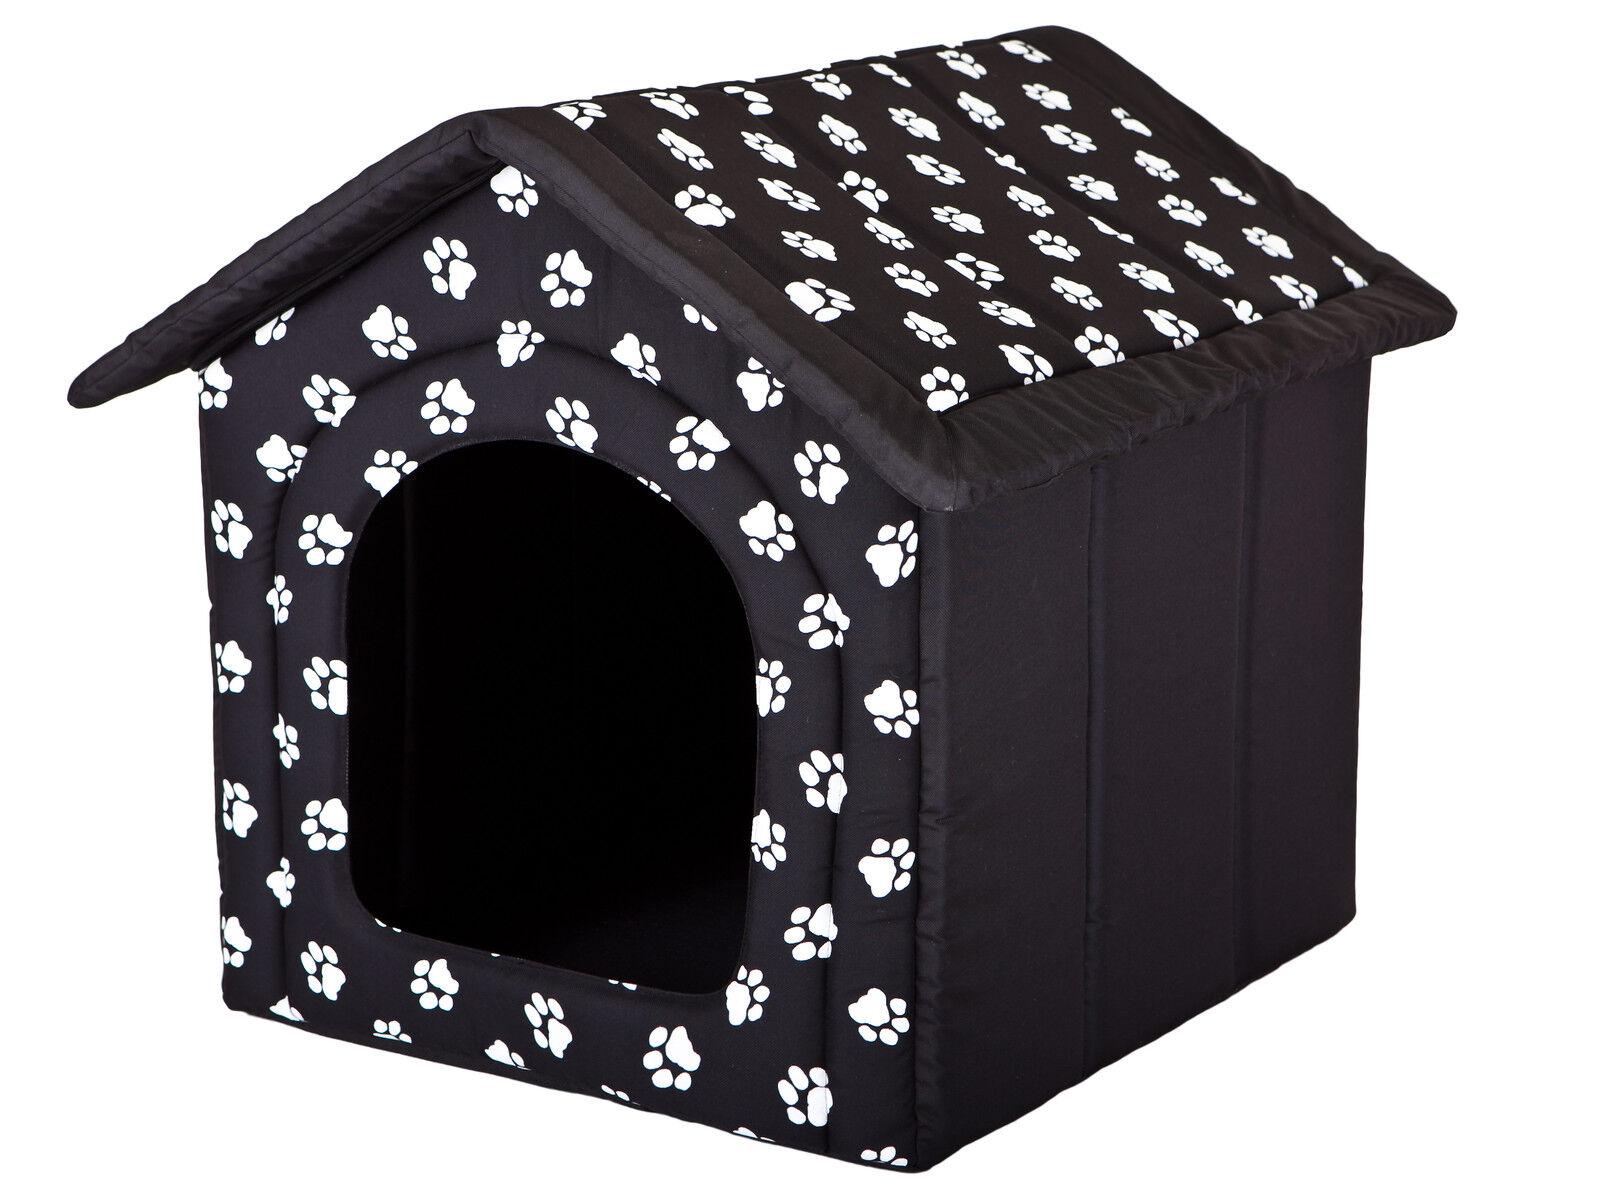 Cani grotta Hobbydog cani casa Cuccia Nero con zampa r3  52 x 46 cm